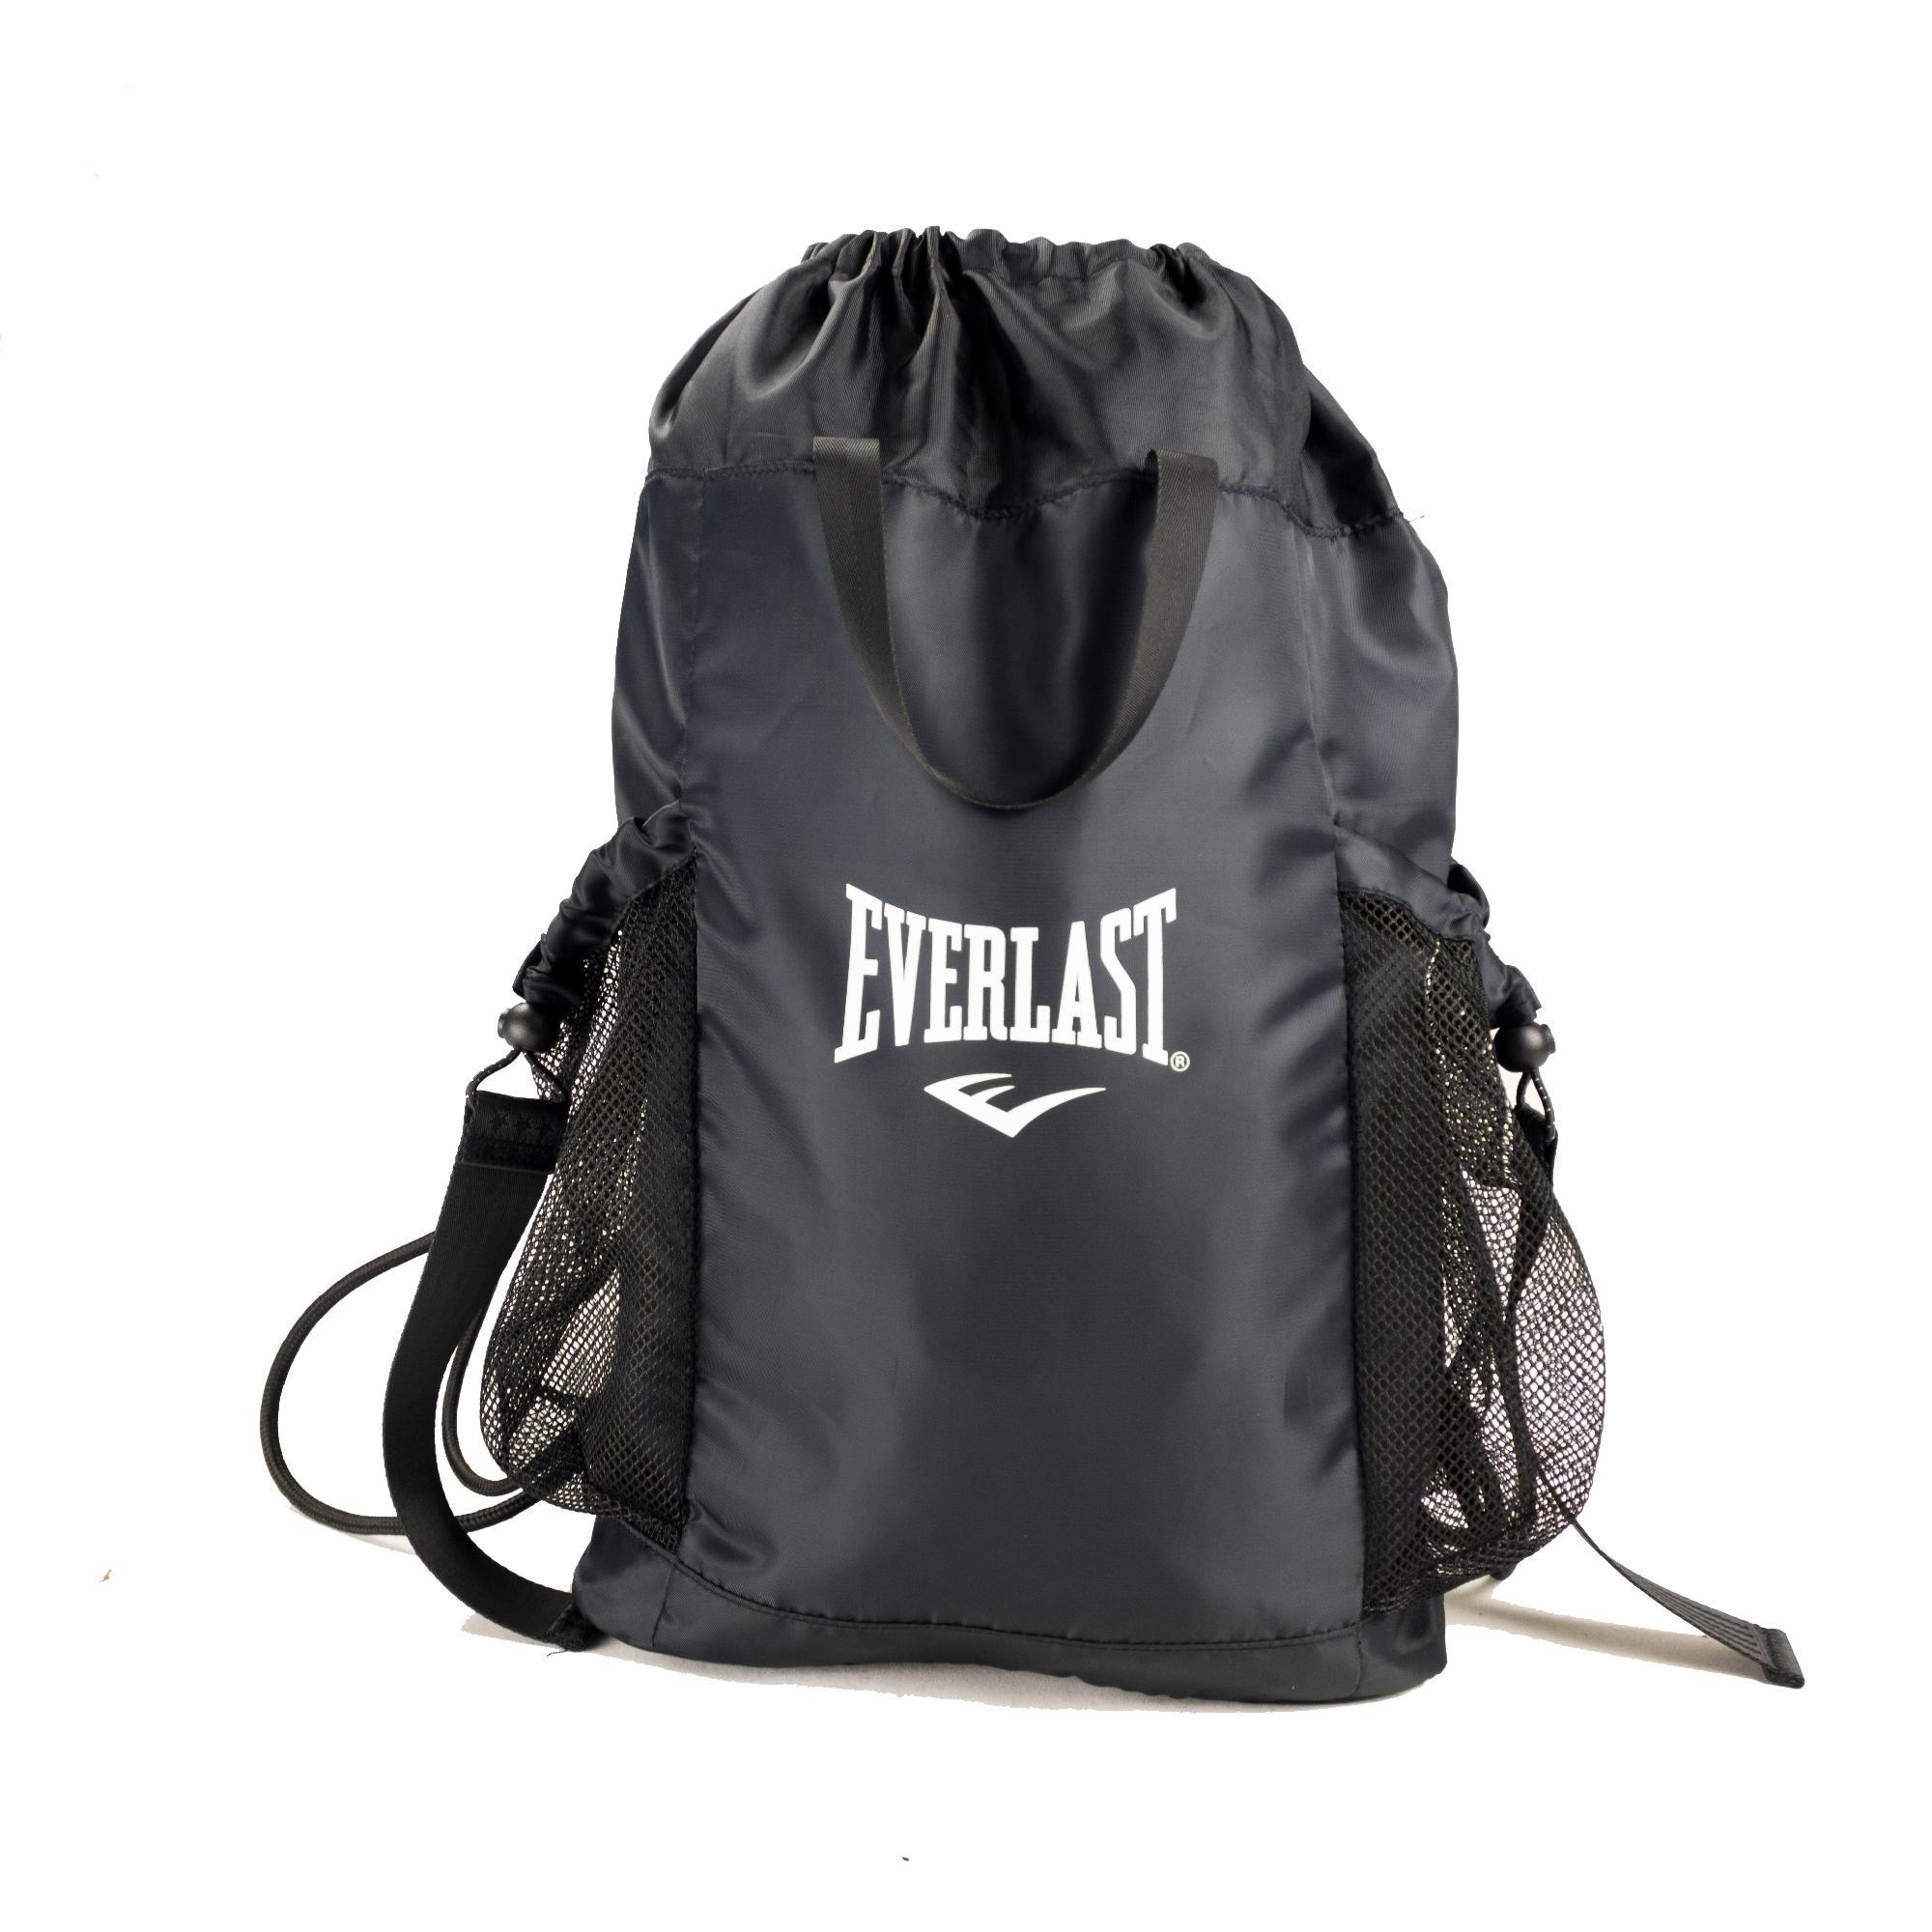 efb40c0399 Drawstring Bags - Buy Drawstring Bags at Best Price in Singapore ...